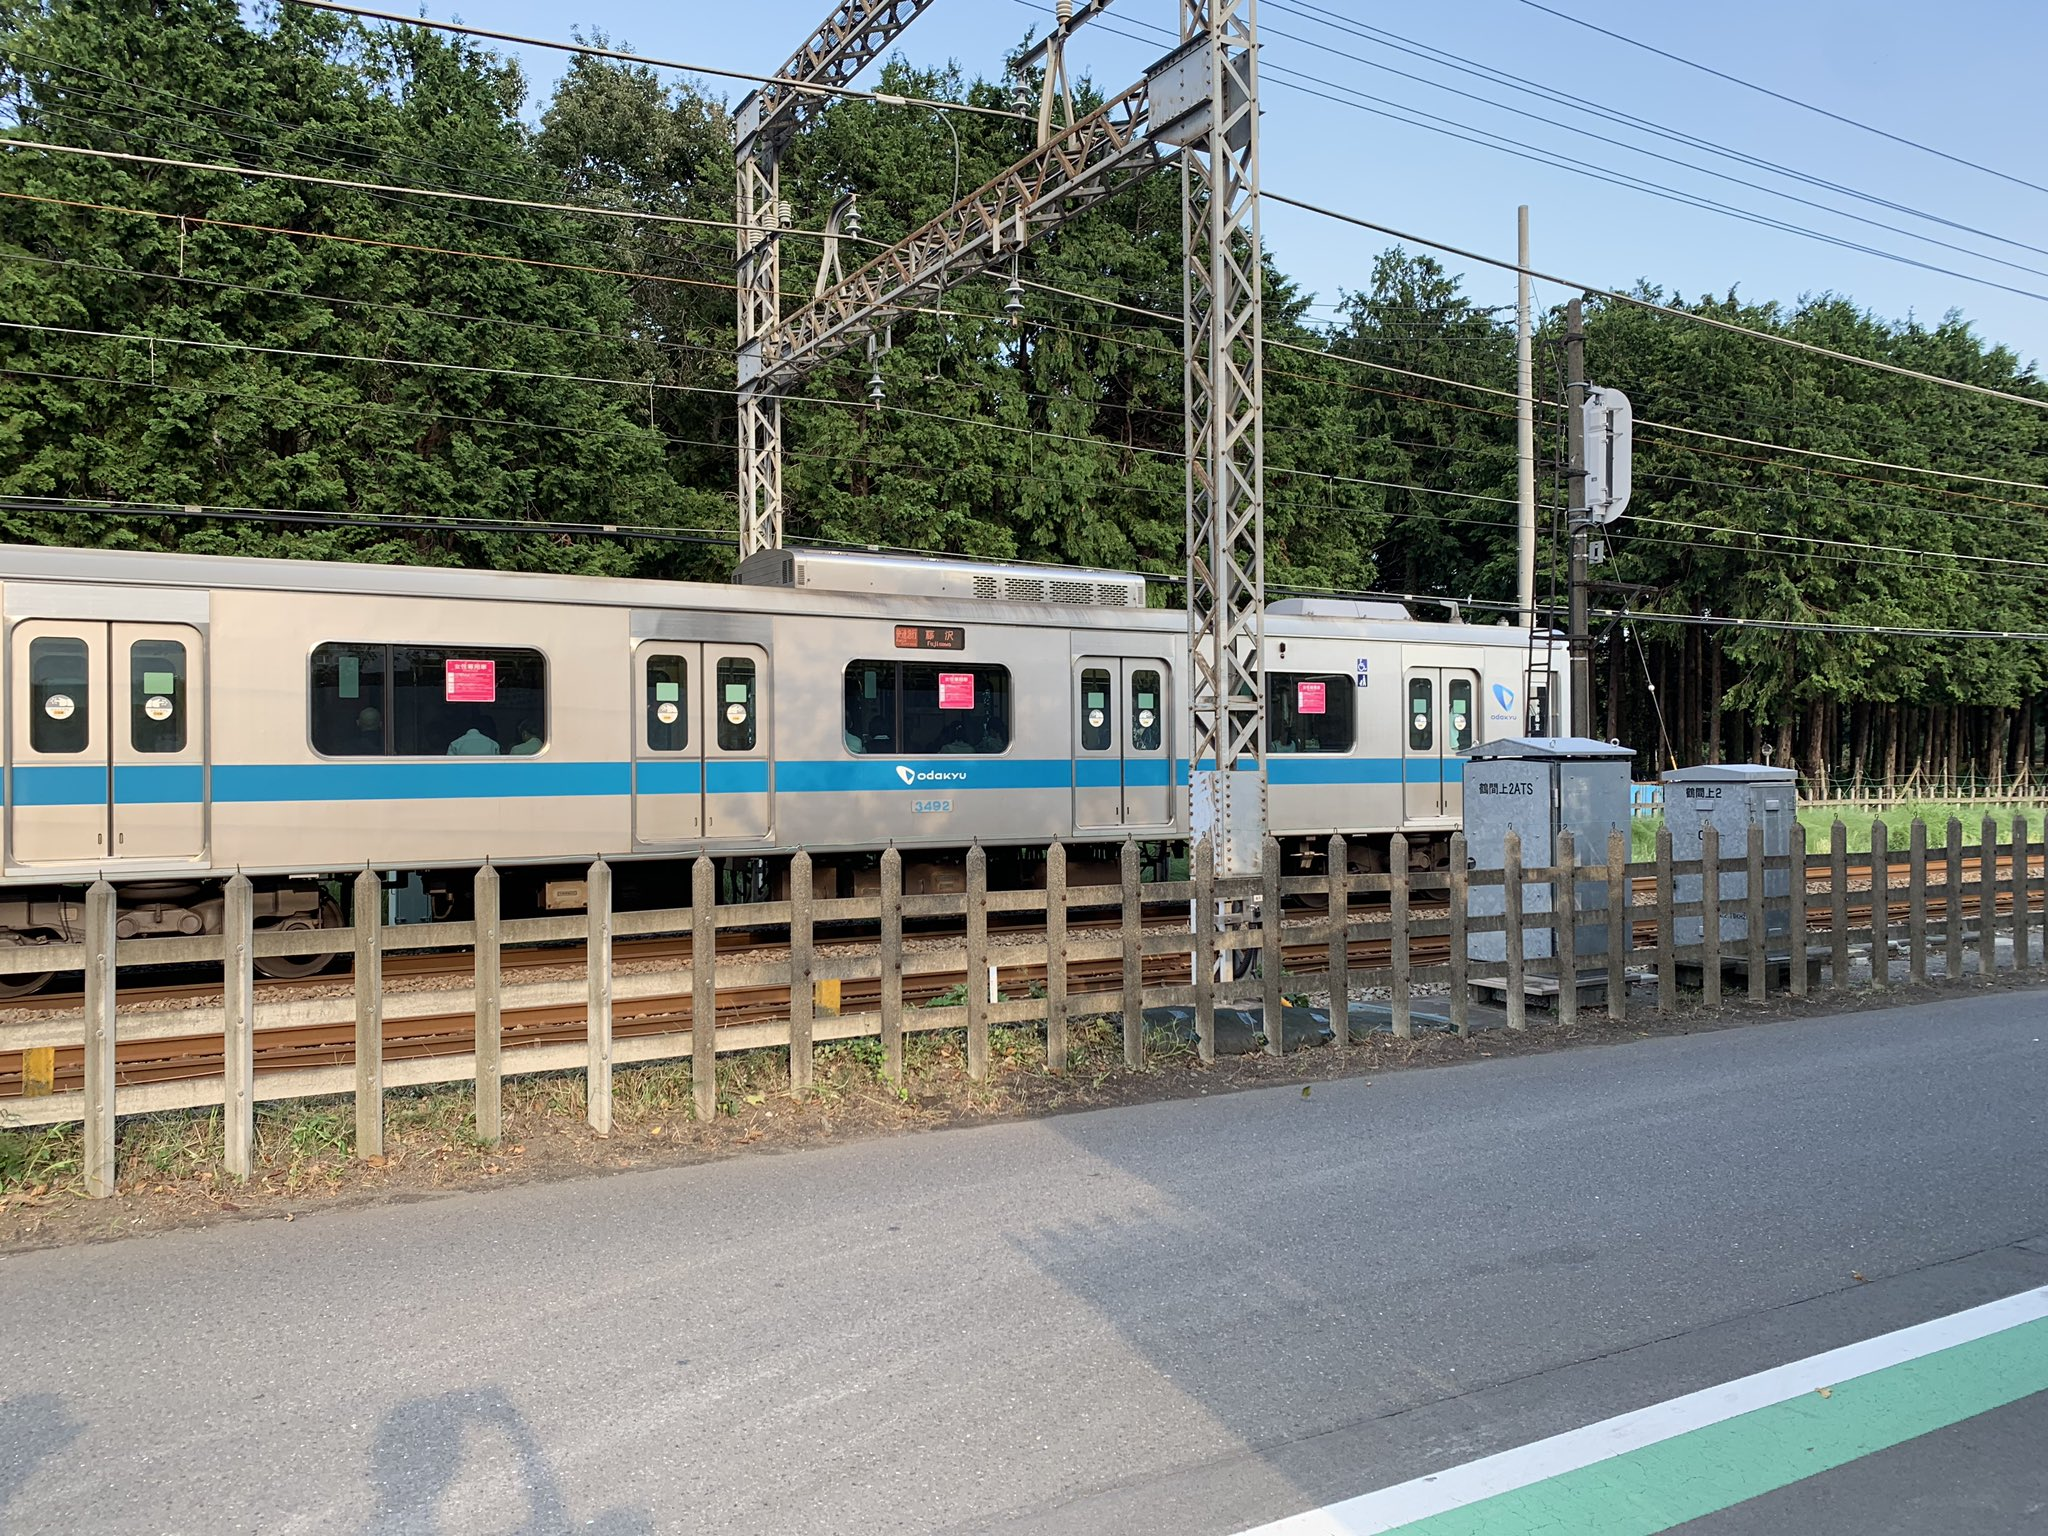 小田急江ノ島線の鶴間駅~大和駅間で人身事故が起きた現場の画像